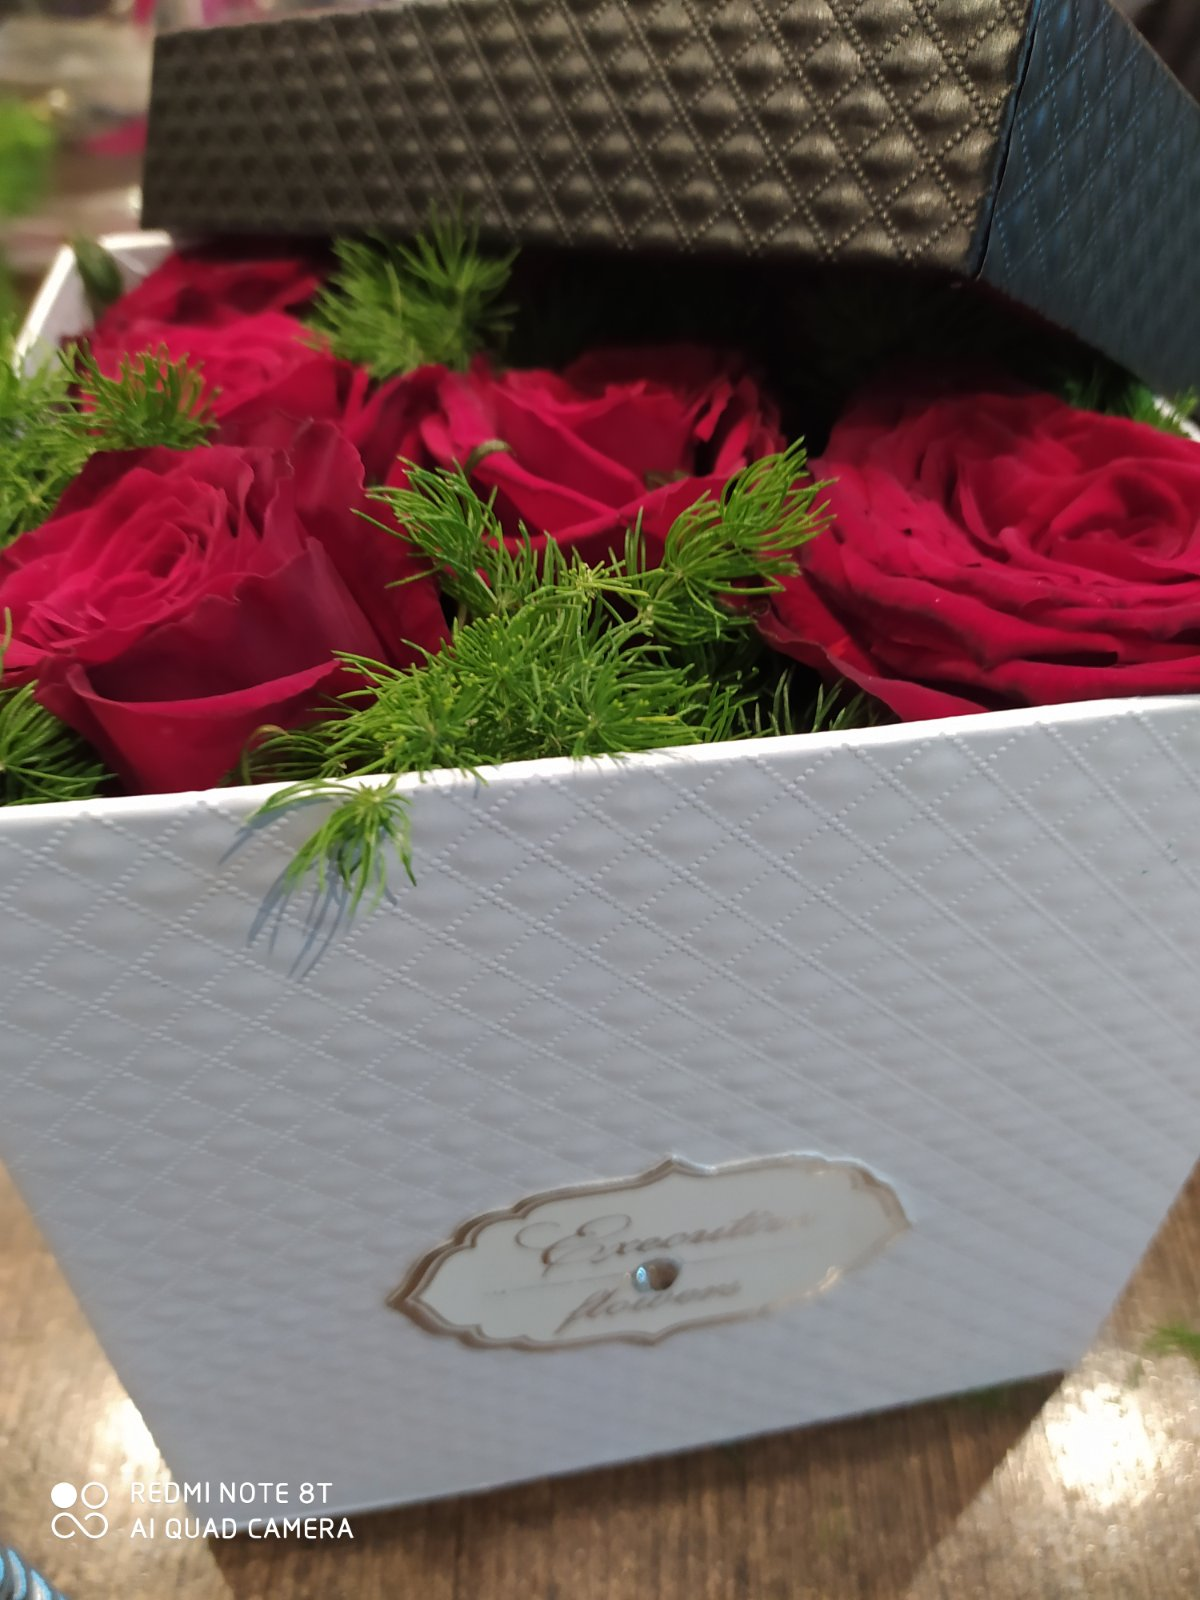 αποστολή λουλουδιών χρονια πολλά βελεντήνε μου